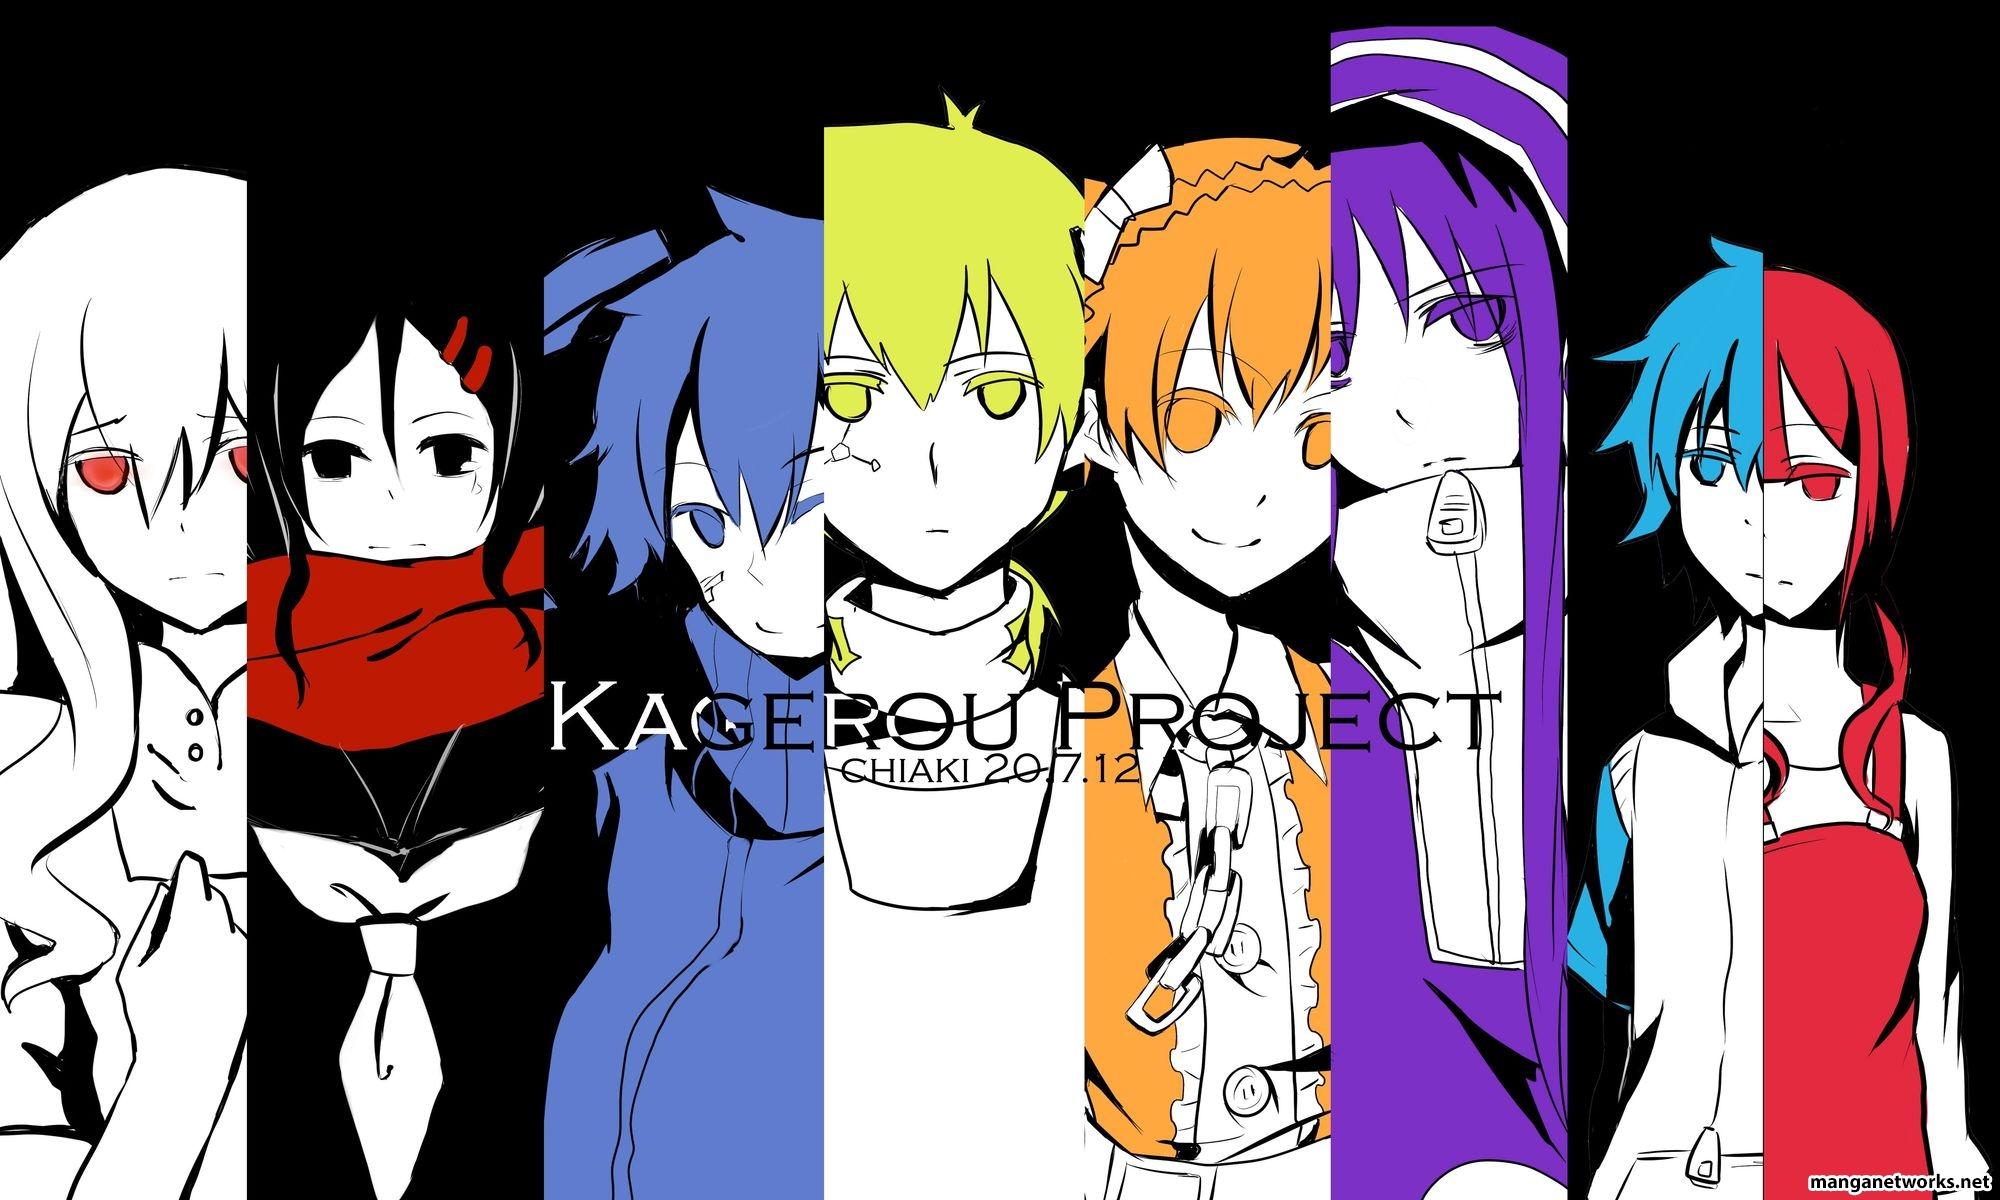 29184257804 b203fa6438 o Anime Kagerou Daze: In a day's dưới định dạng 4D ra mắt teaser hé lộ ngày công chiếu